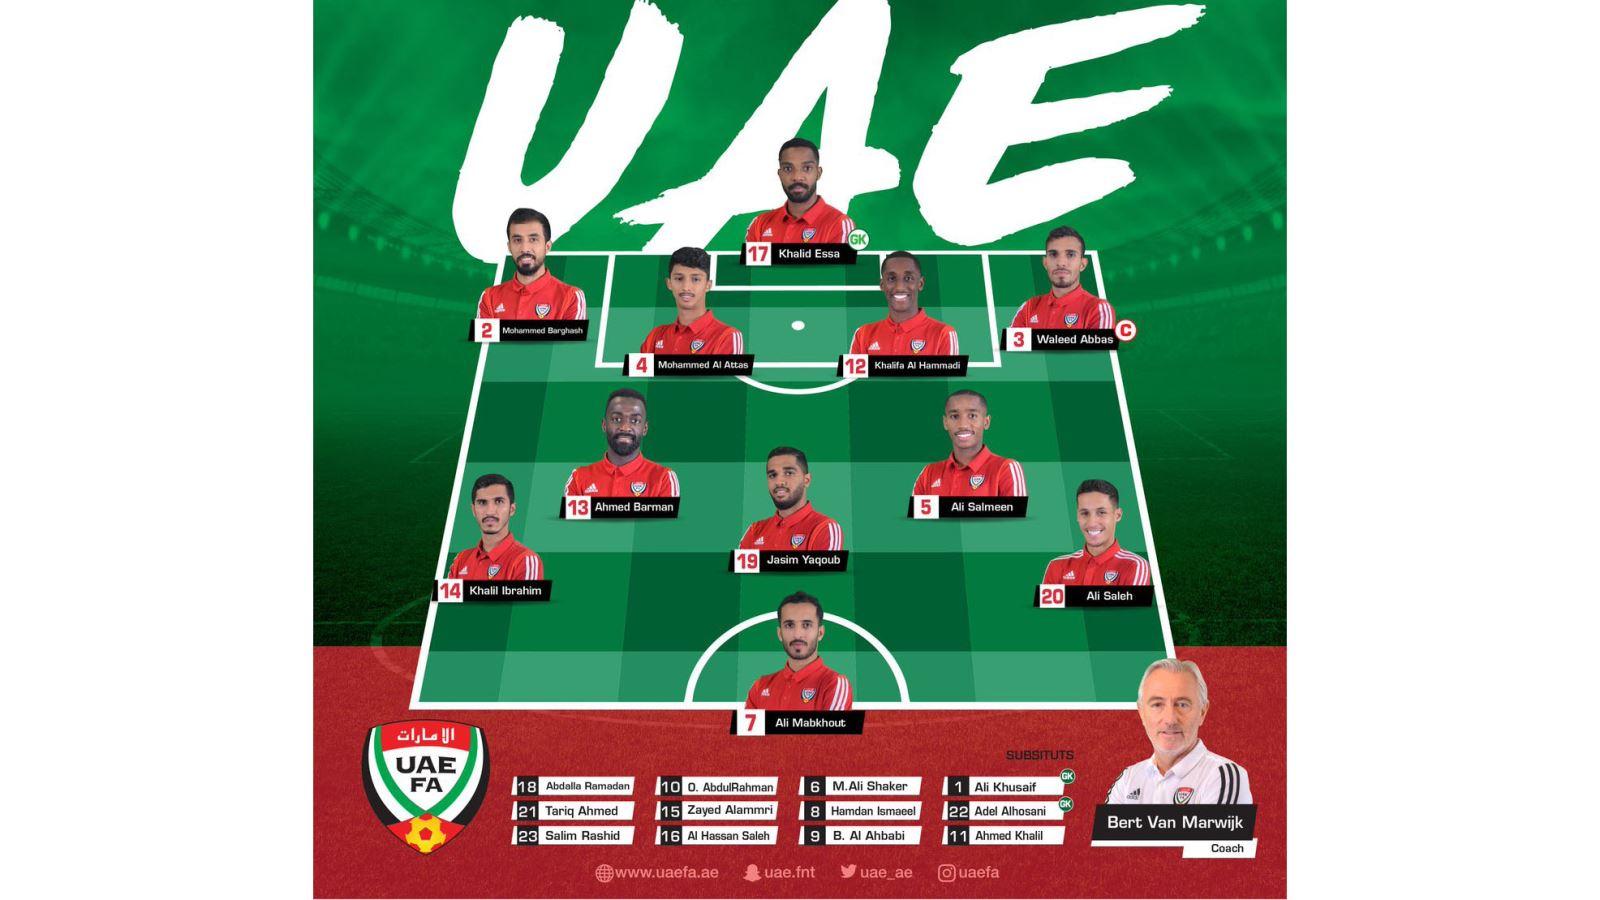 truc tiep bong da hôm nay, UAE đấu với Indonesia, trực tiếp bóng đá, Việt Nam Malaysia, VTV6, VTC1, VTC3, VTV5, xem bóng đá trực tuyến, UAE vs Indonesia, World Cup 2022